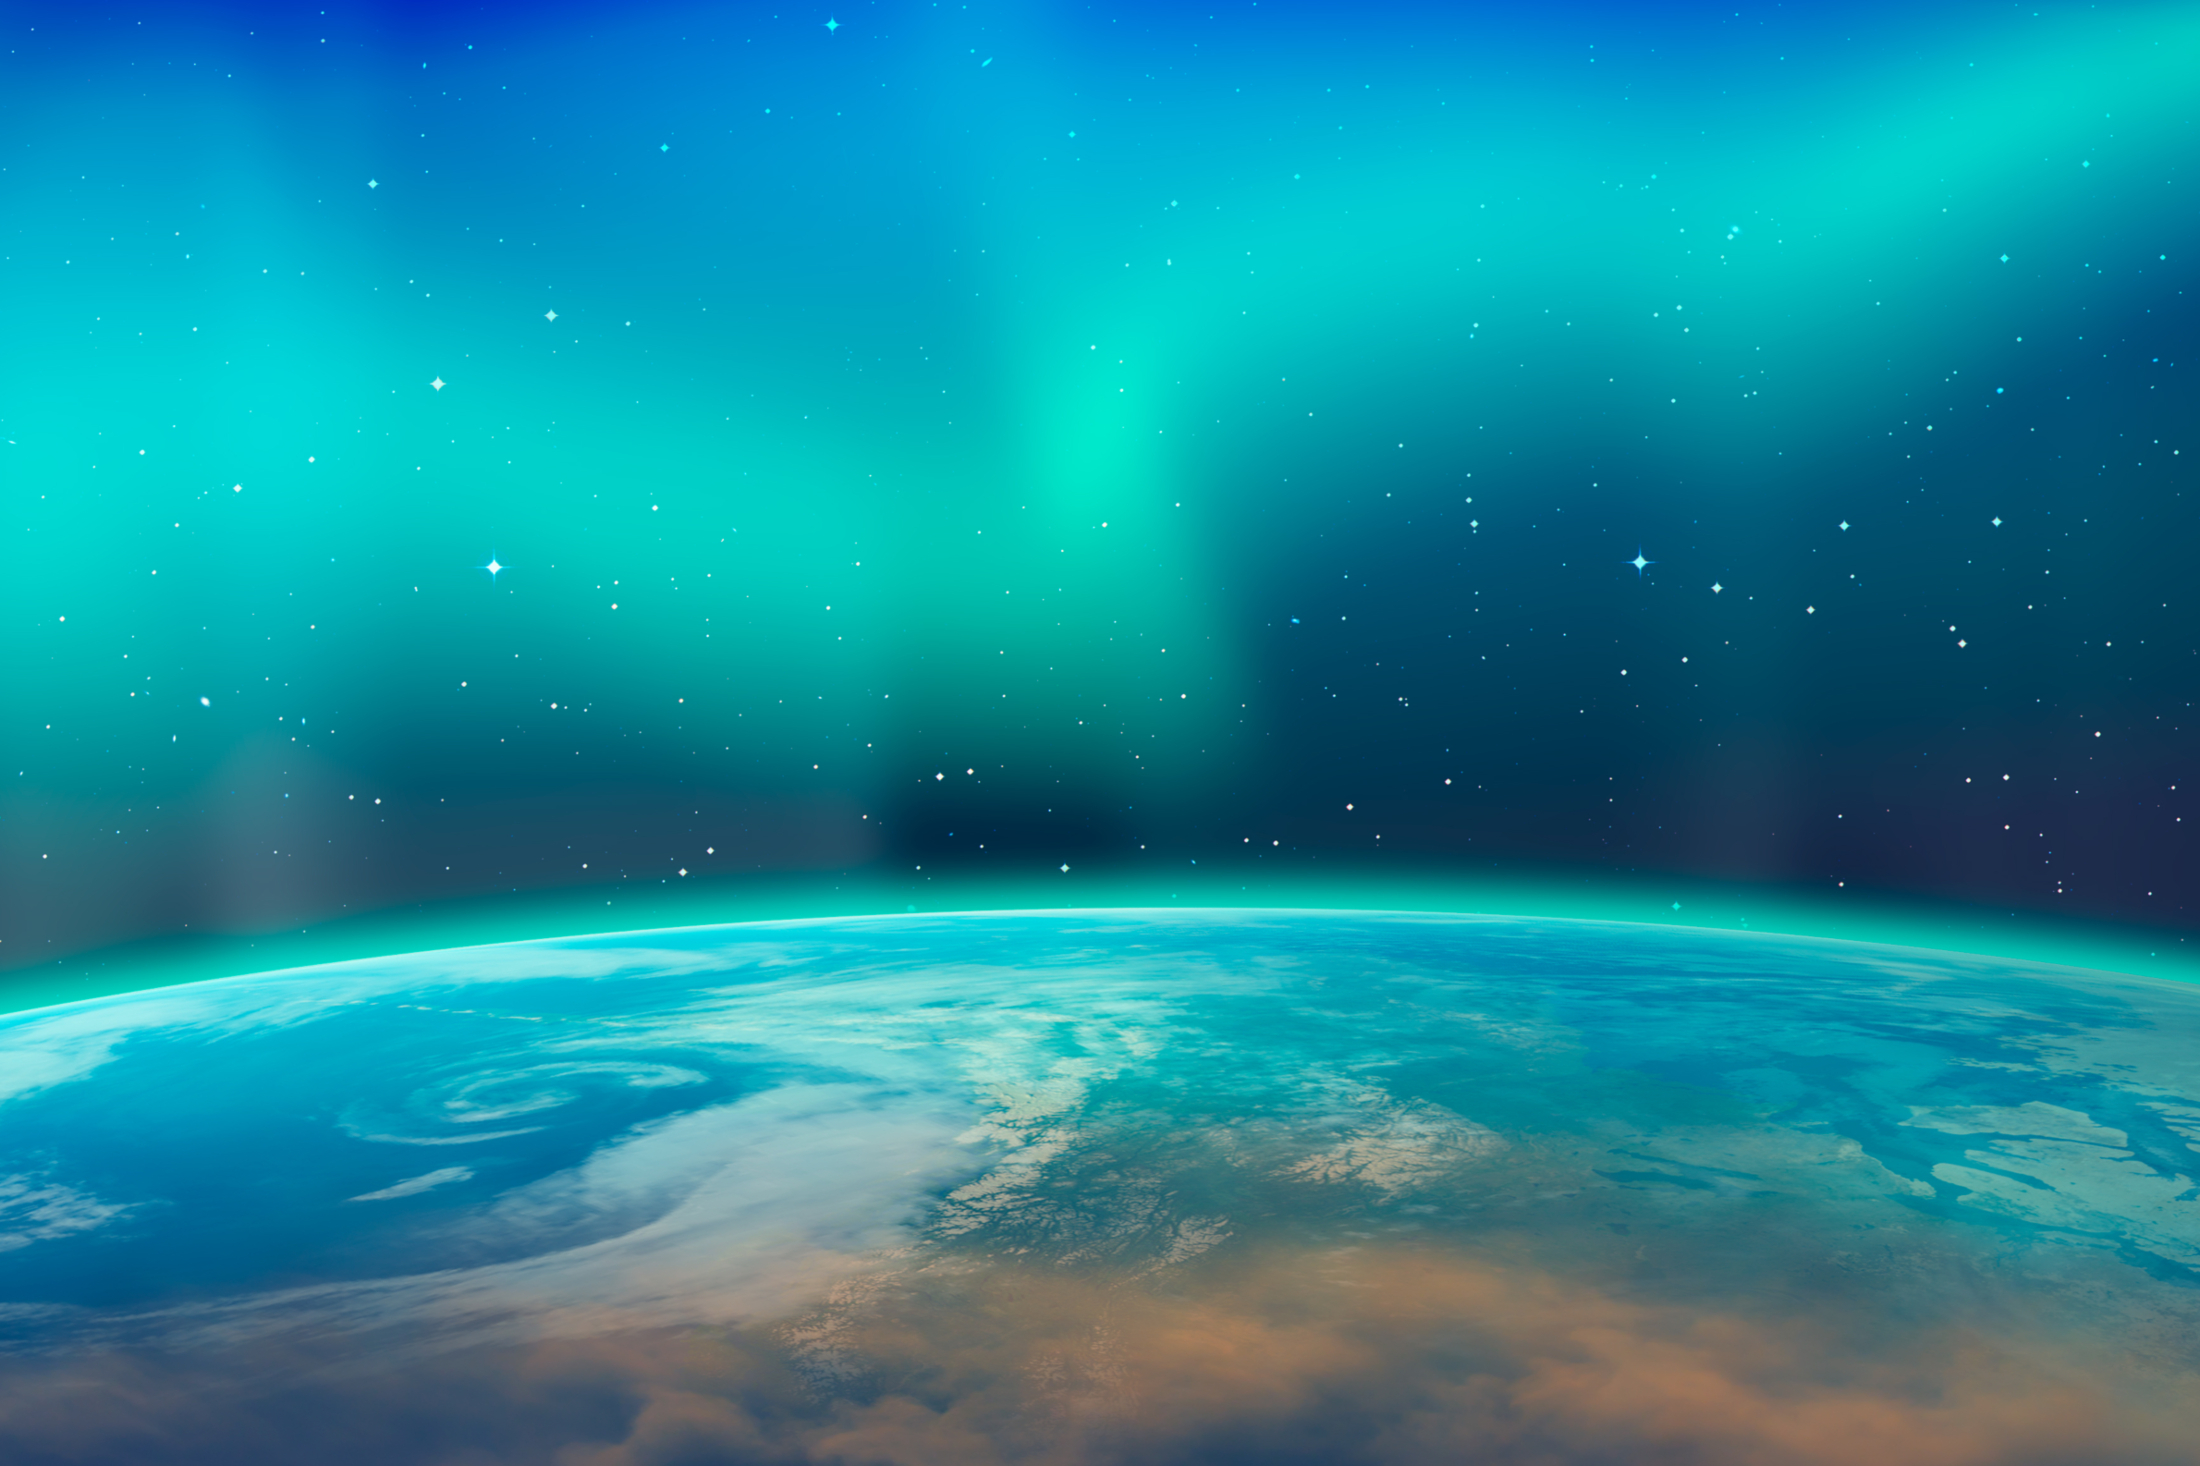 La aurora boreal es también conocida como aurora boreal.  Elementos de la imagen proporcionados por la NASA.  Foto_Mora T, Shutterstock